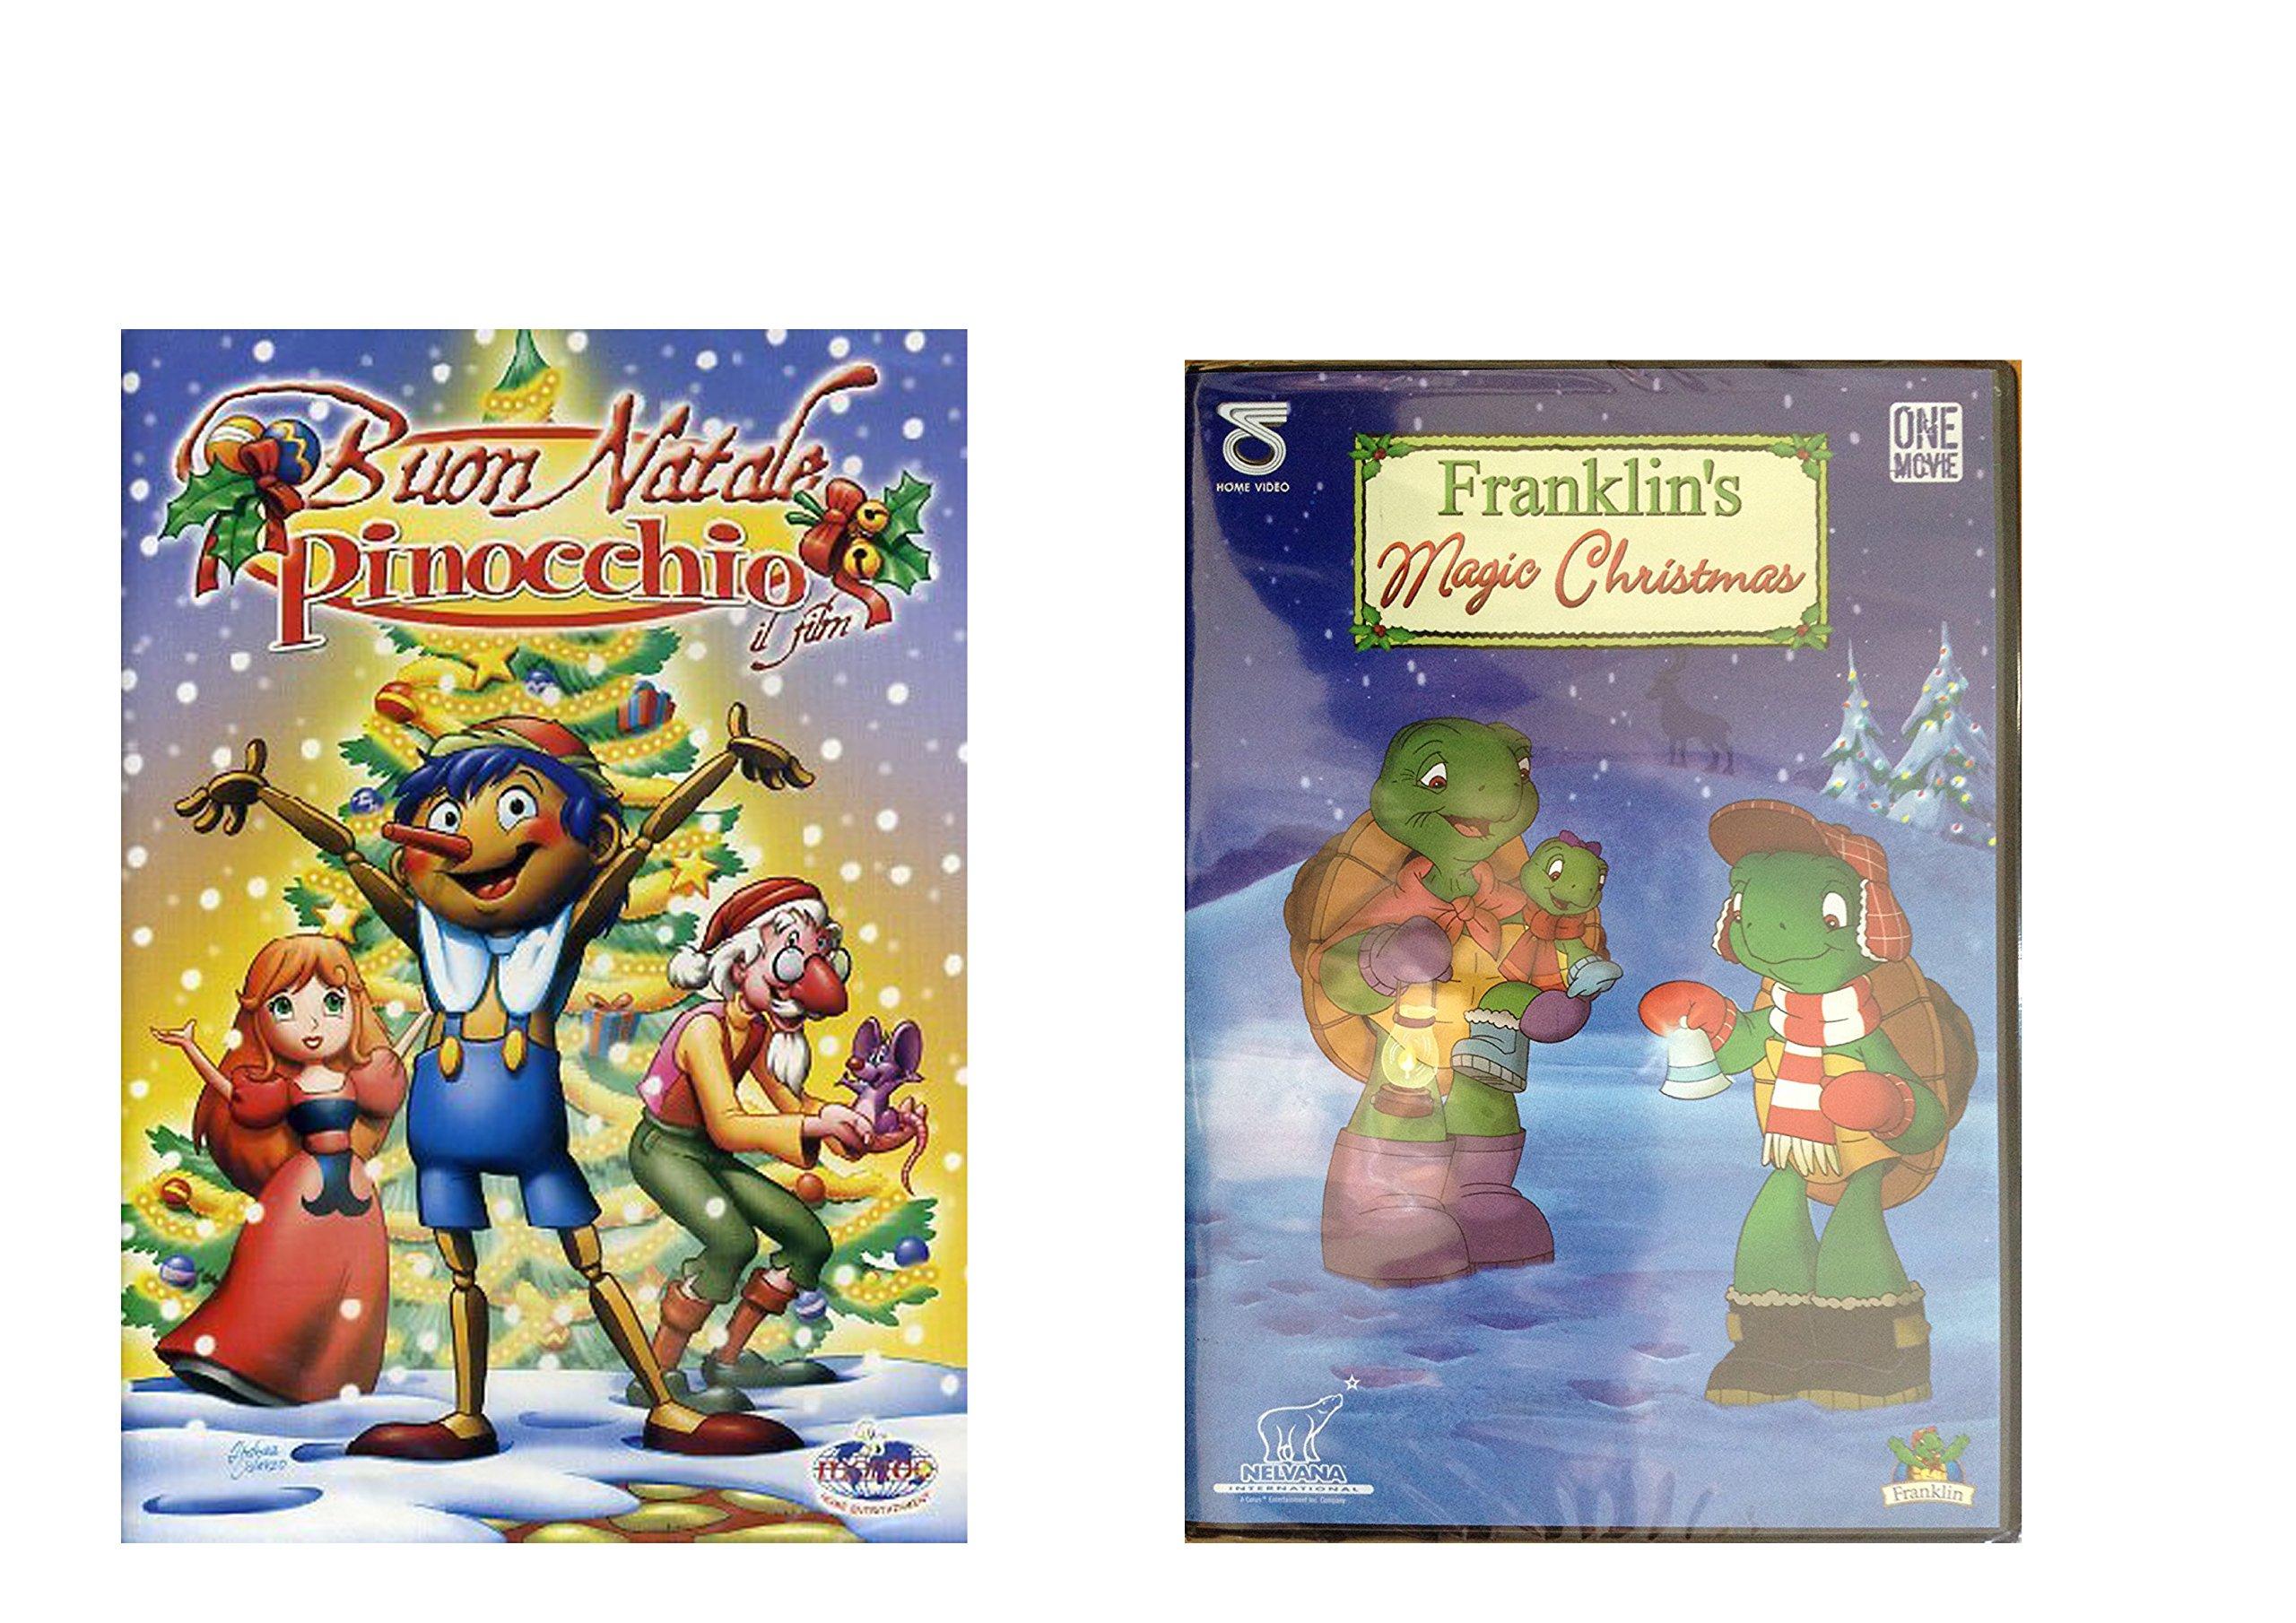 Offerta Speciale 2 DVD Natalizi, Franklin's Magic Christmas e Buon Natale Pinocchio, Idea Regalo, P